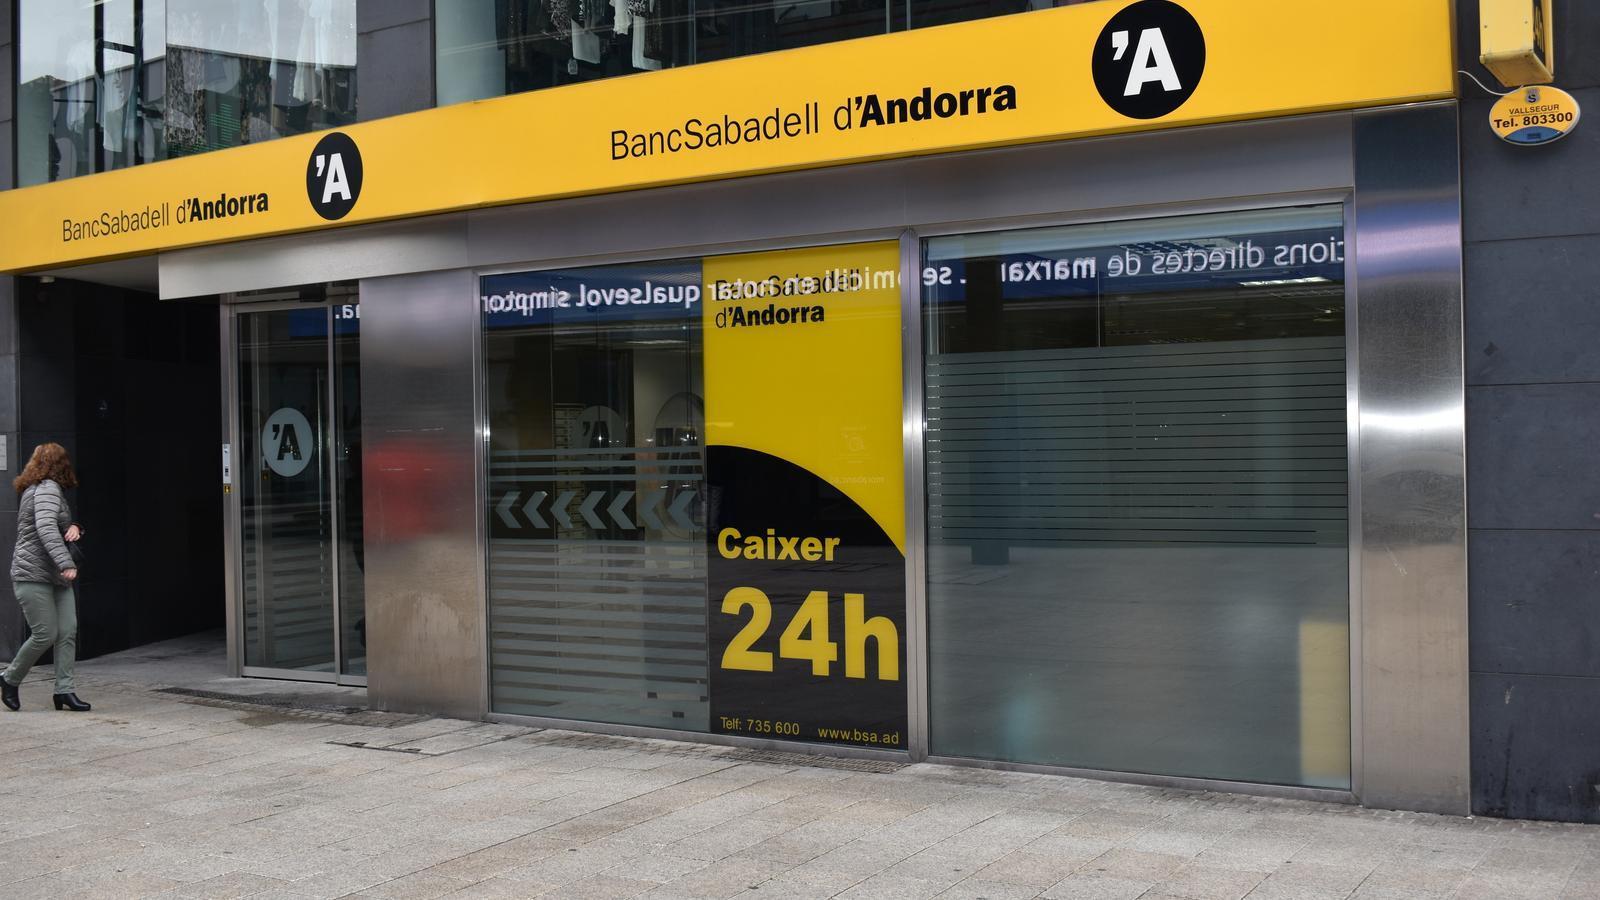 Una oficina del Banc Sabadell d'Andorra. / M. R. F.